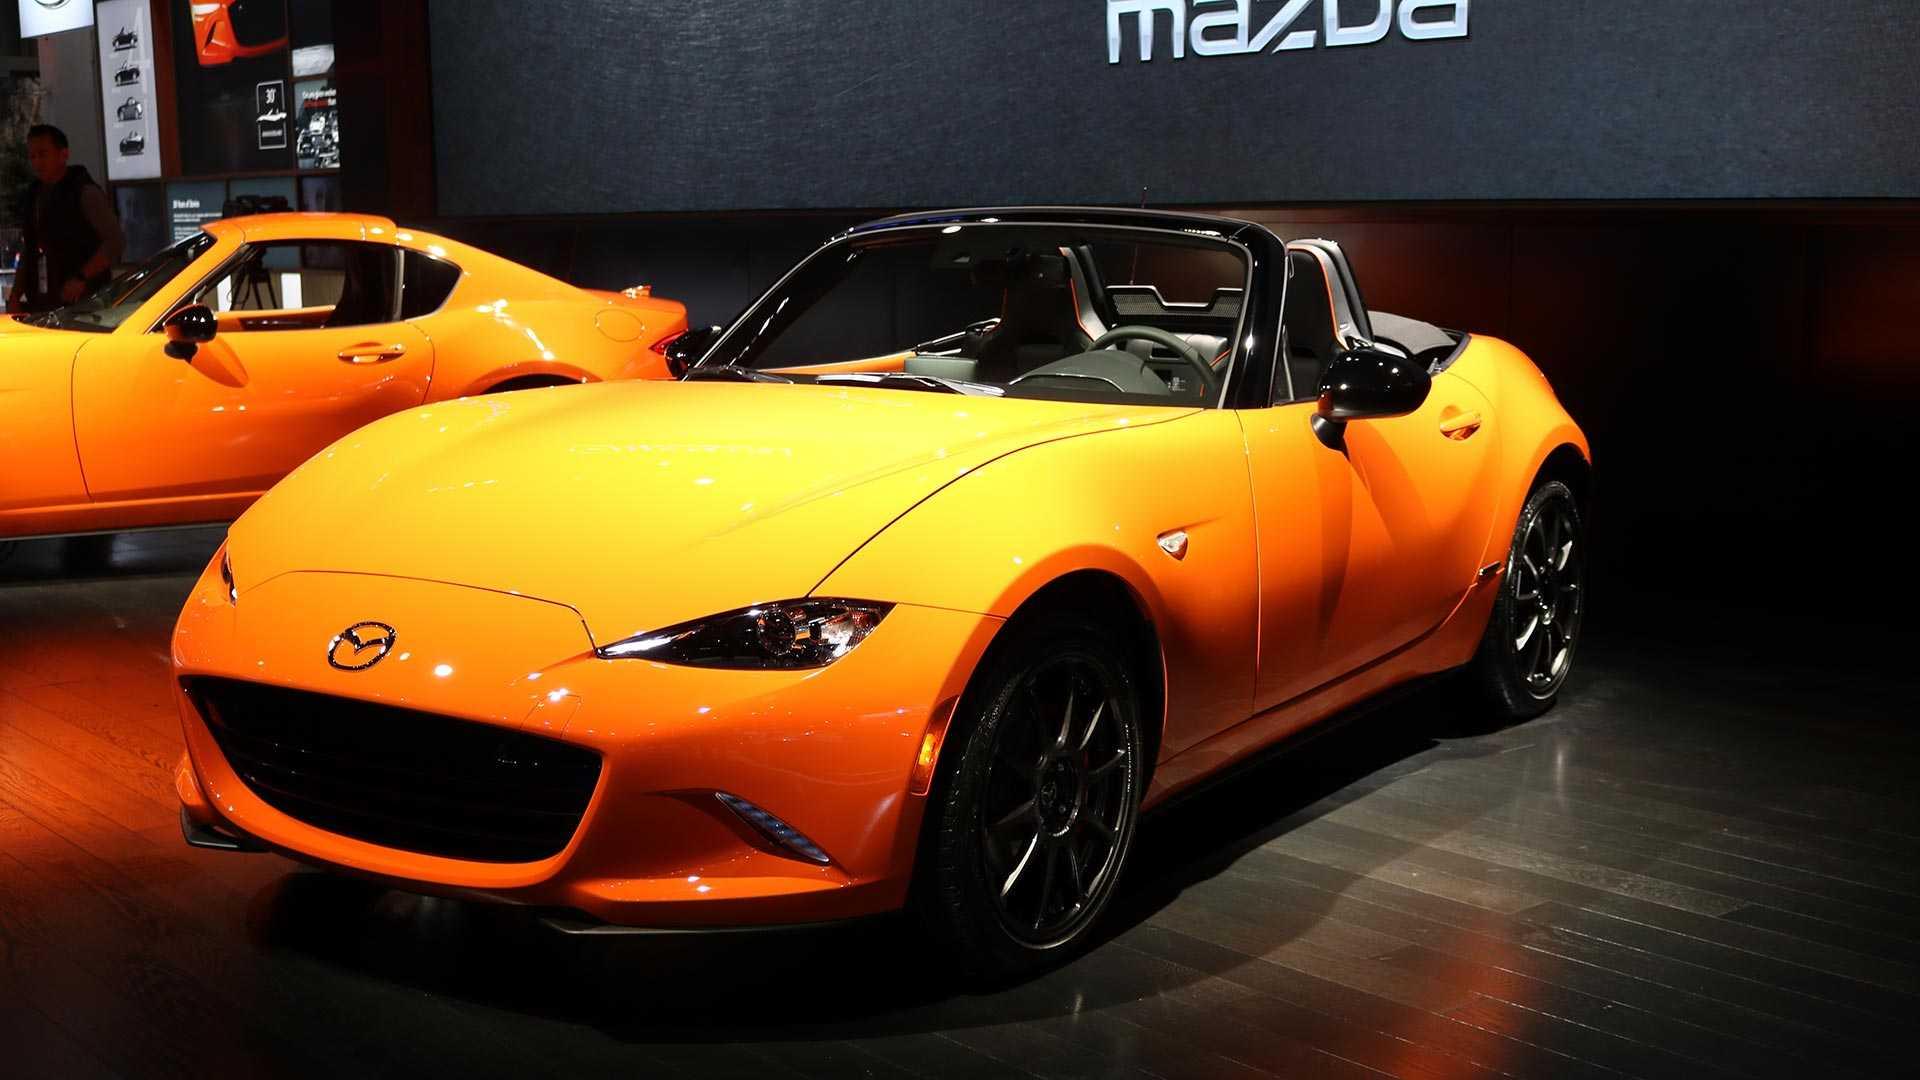 На мотор-шоу в Чикаго дебютировало особое исполнение Mazda MX-5 с индексом 30th Anniversary Edition